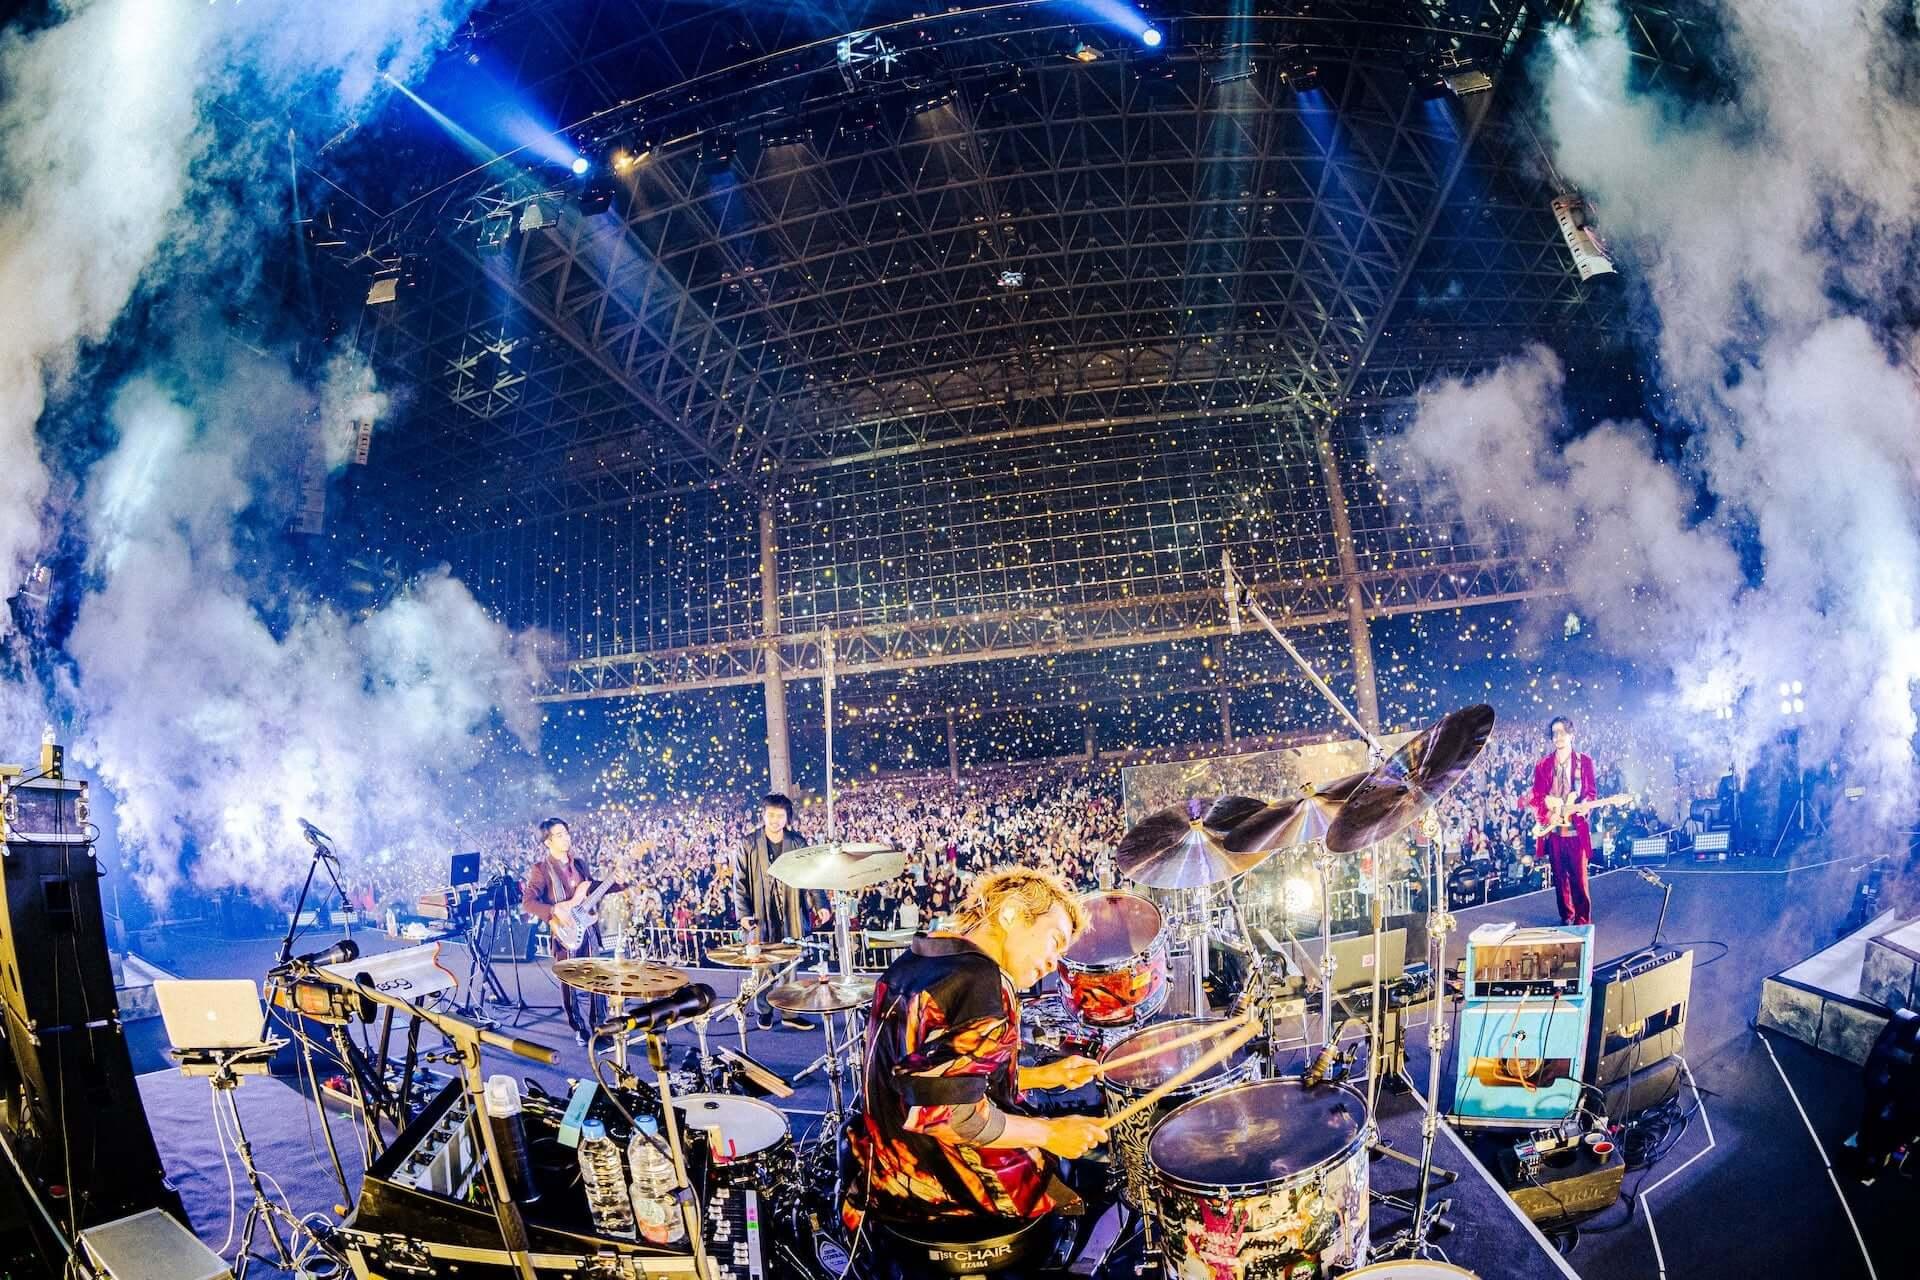 """King Gnu初のアリーナツアー、幕張メッセでは新曲""""千両役者""""も披露!ファイナル公演のライブレポートが到着 music201207_kinggnu_3-1920x1280"""